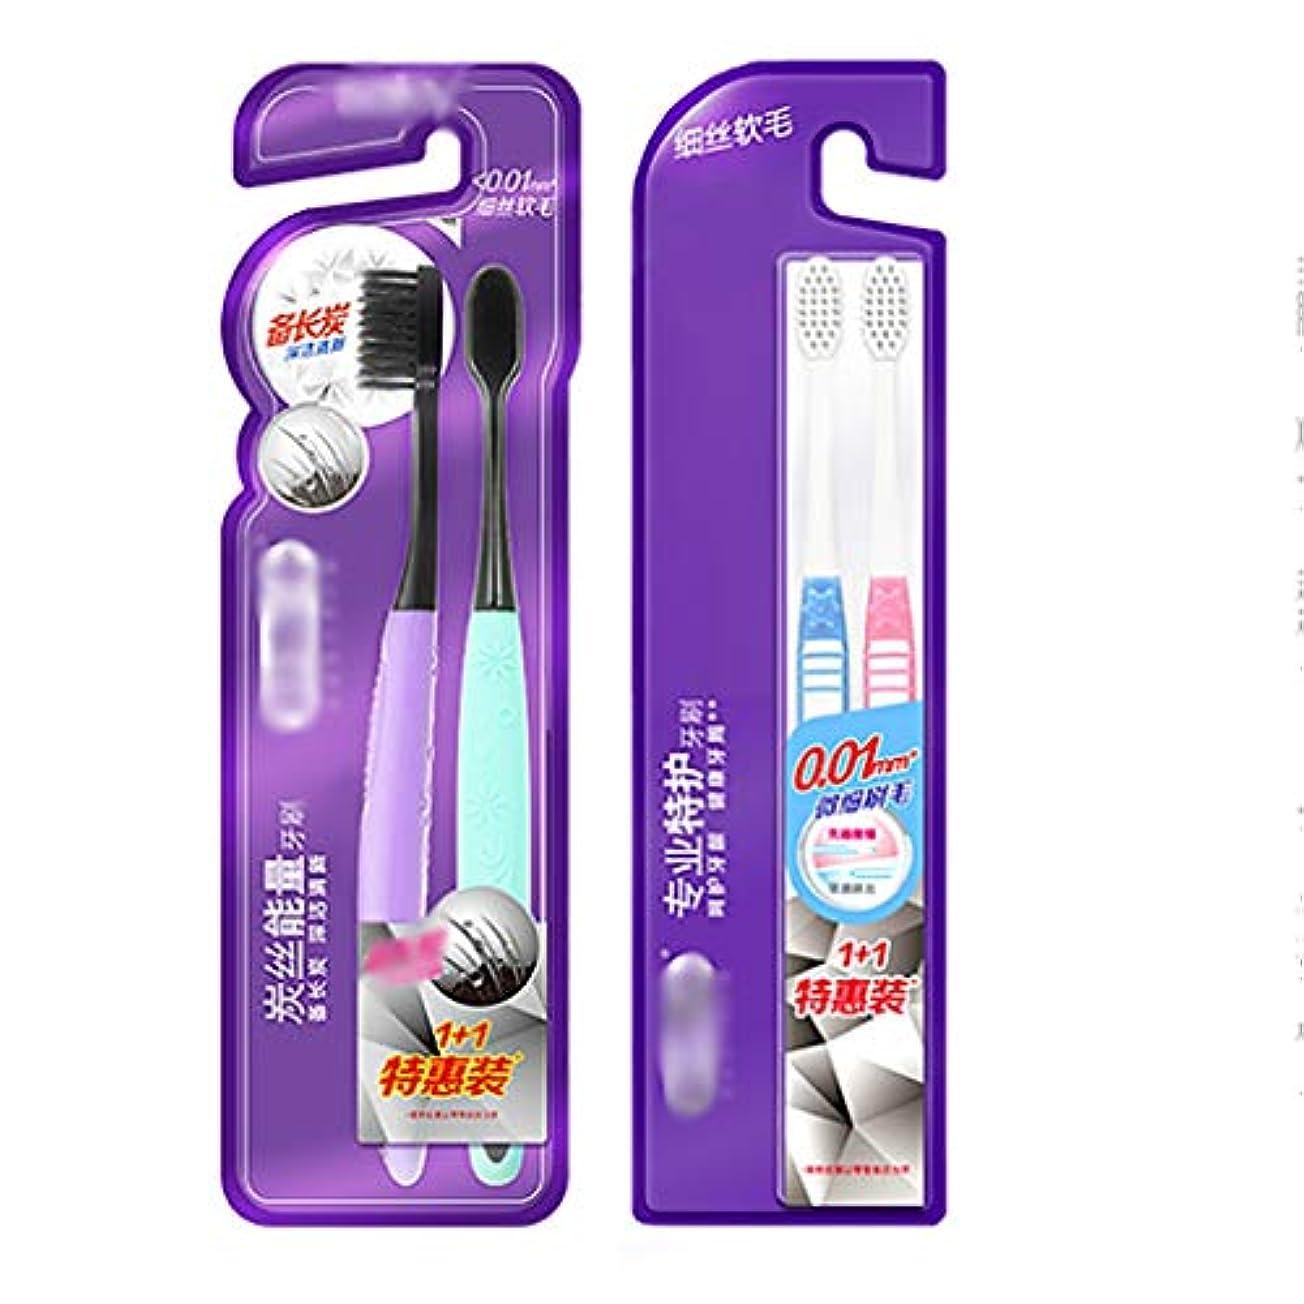 熱狂的な挽くリーク歯ブラシ、足首歯ブラシ、手用歯ブラシの8本のスティック